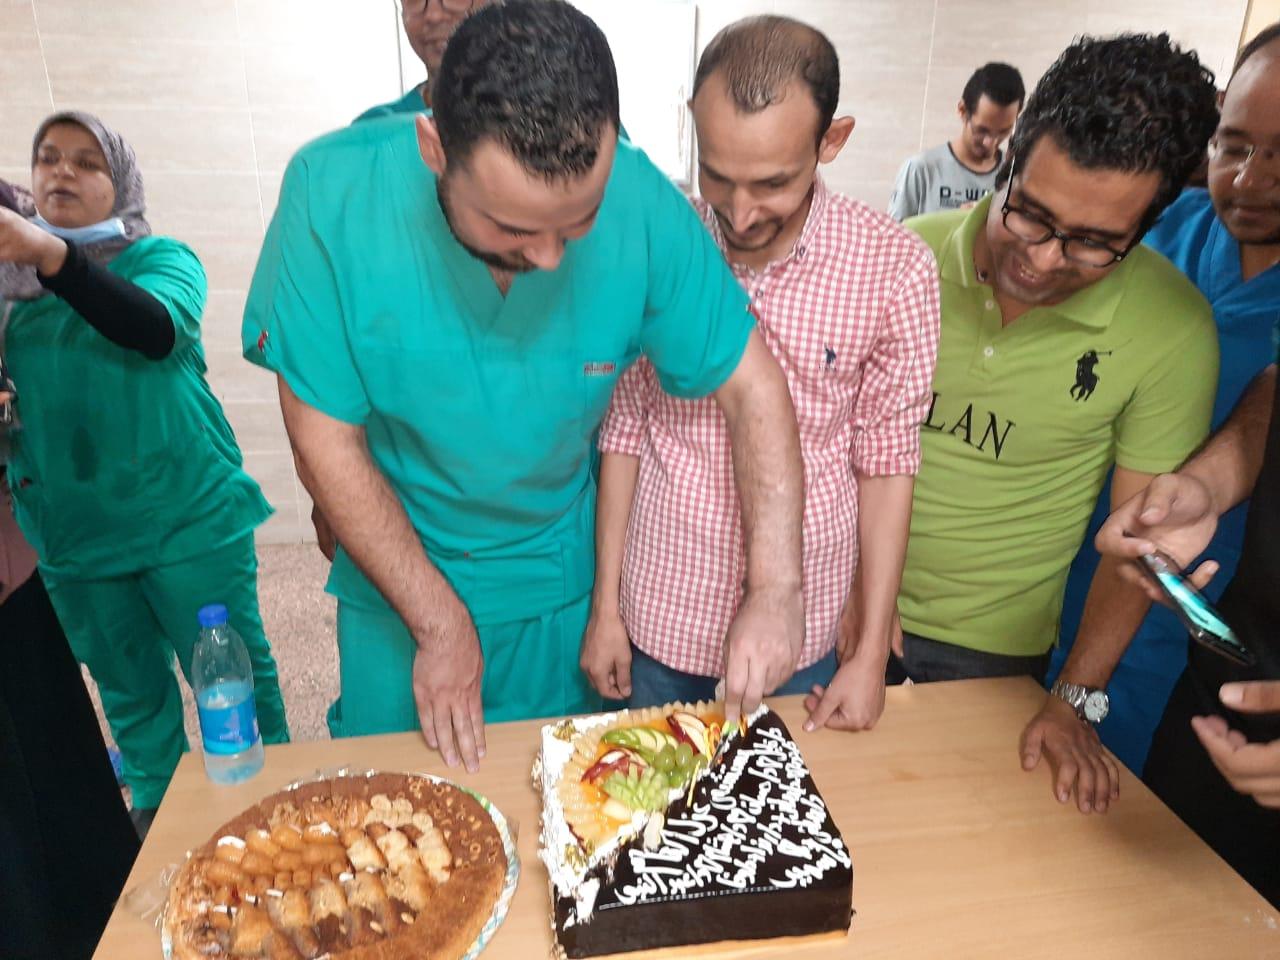 مستشفي الأقصر العام تحتفل بإنتهاء عمل الفريق الرابع للعزل الصحى  (2)